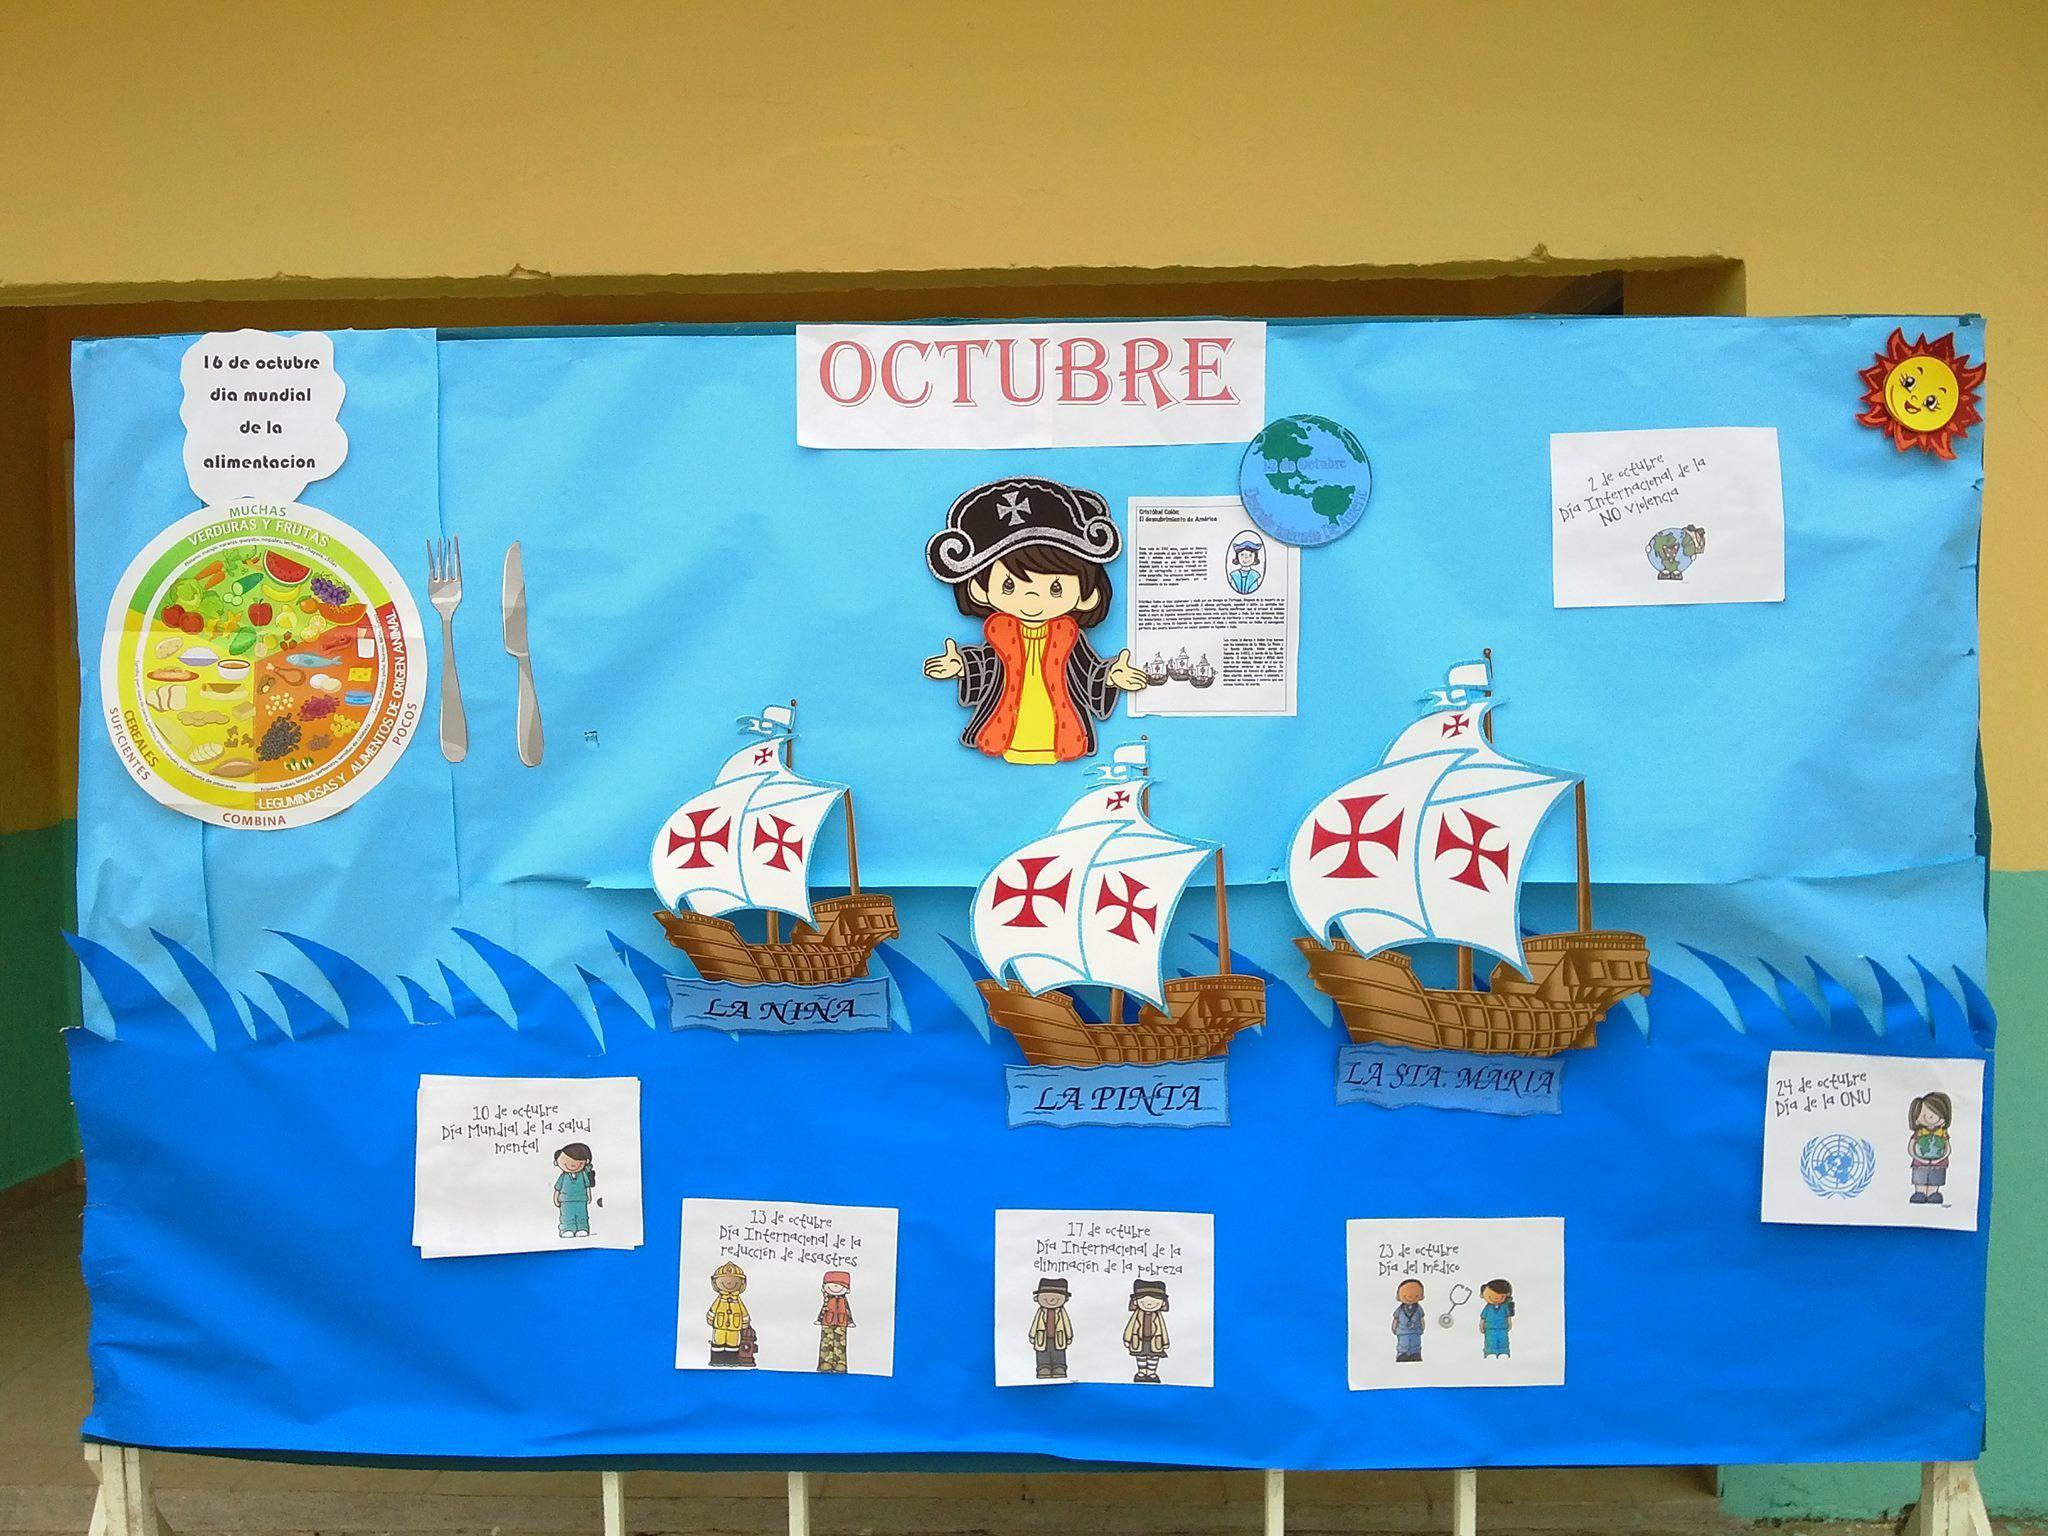 Periodico mural octubre vuestras propuestas 5 for El mural periodico